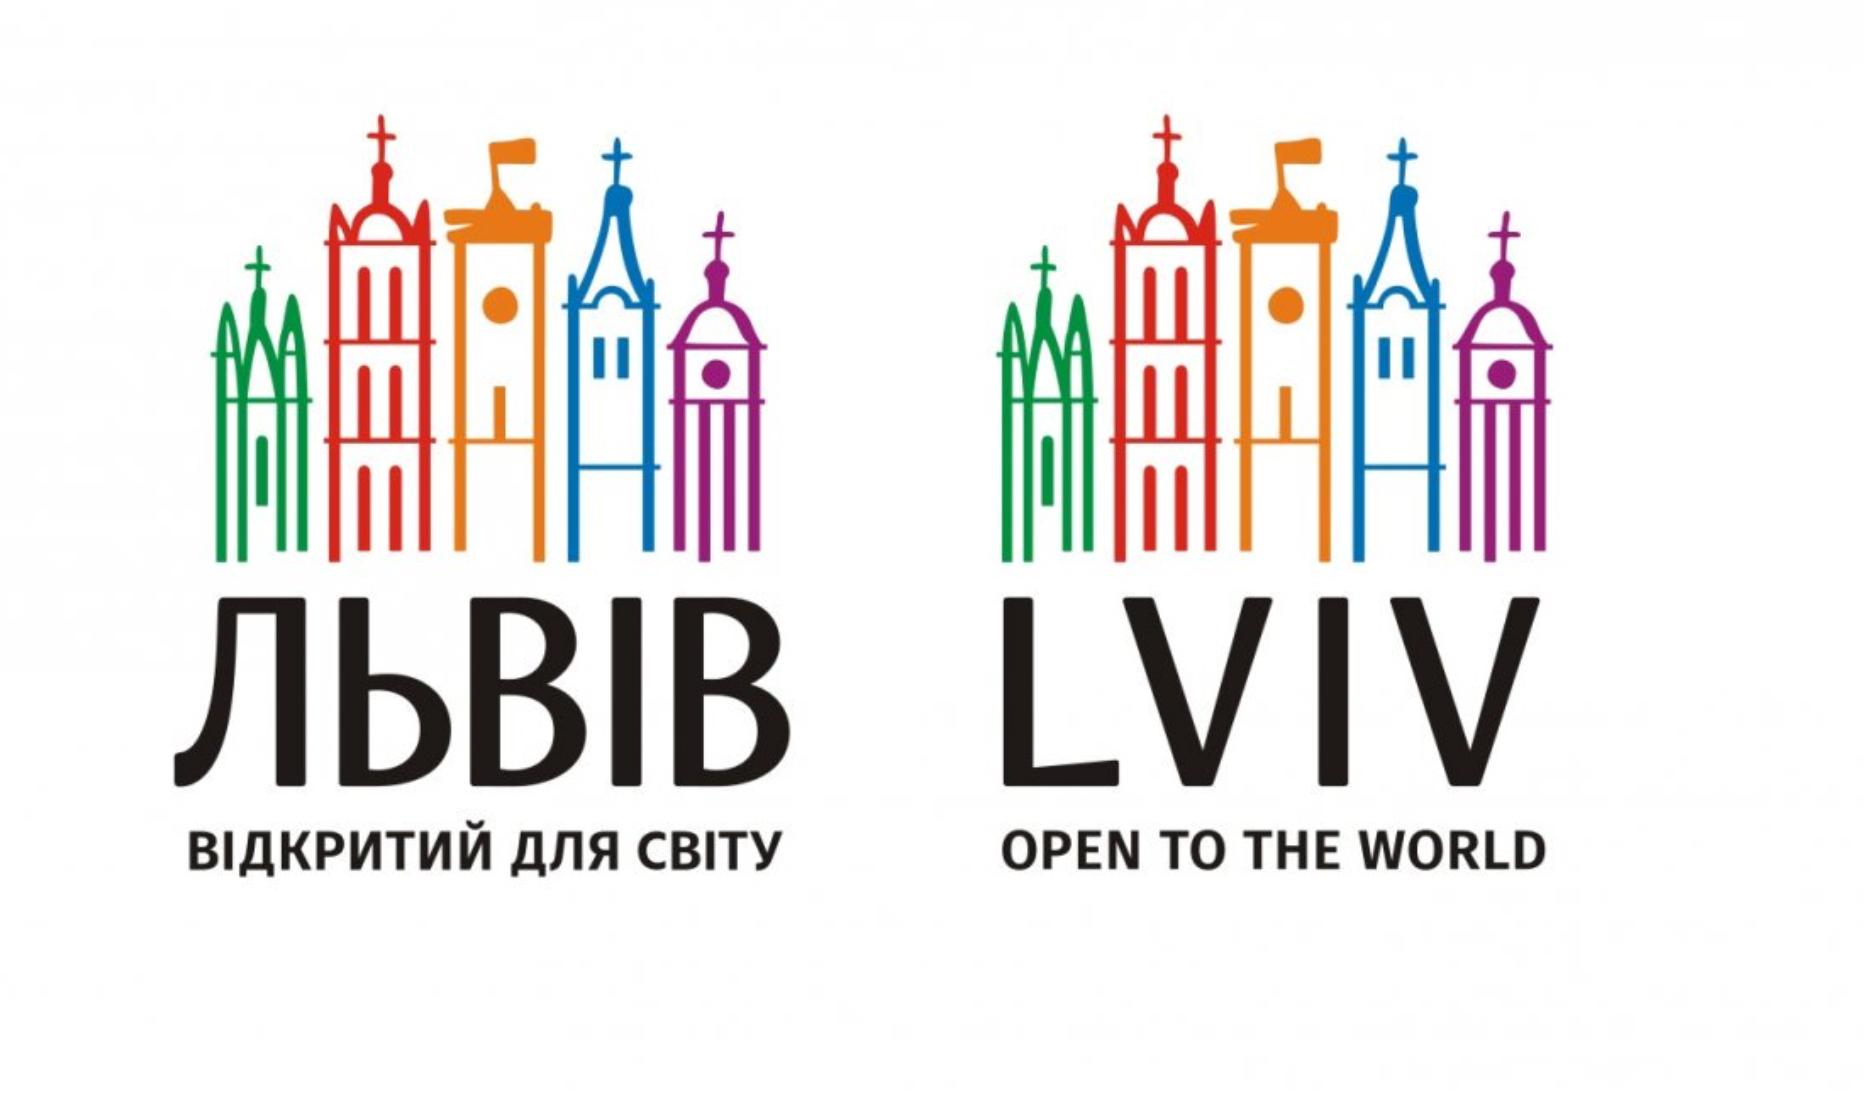 У Львові затвердили новий брендбук